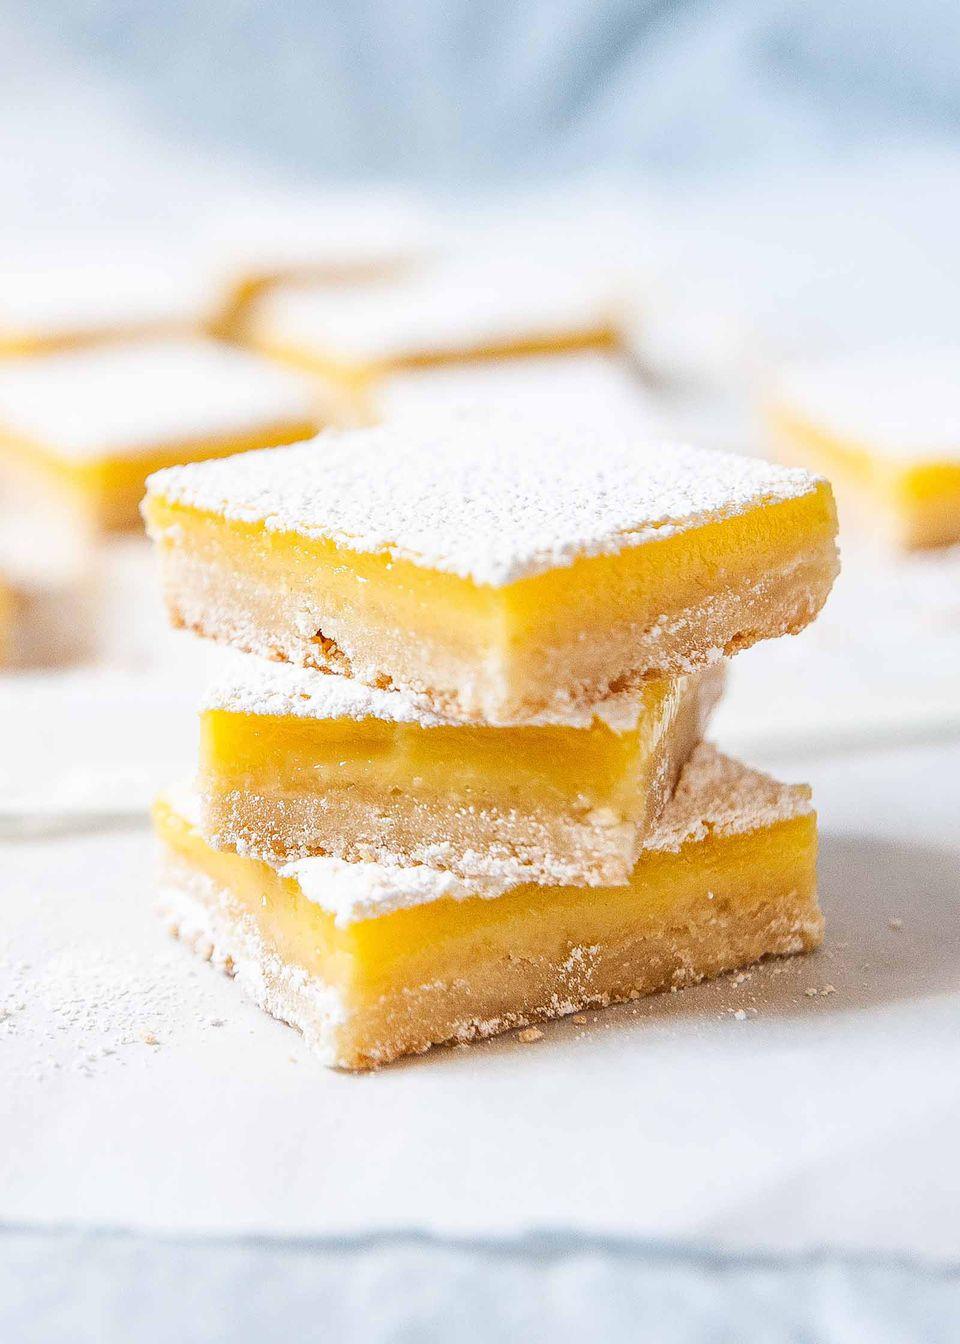 Best Lemon Bars - lemon bars stacked on top of each other